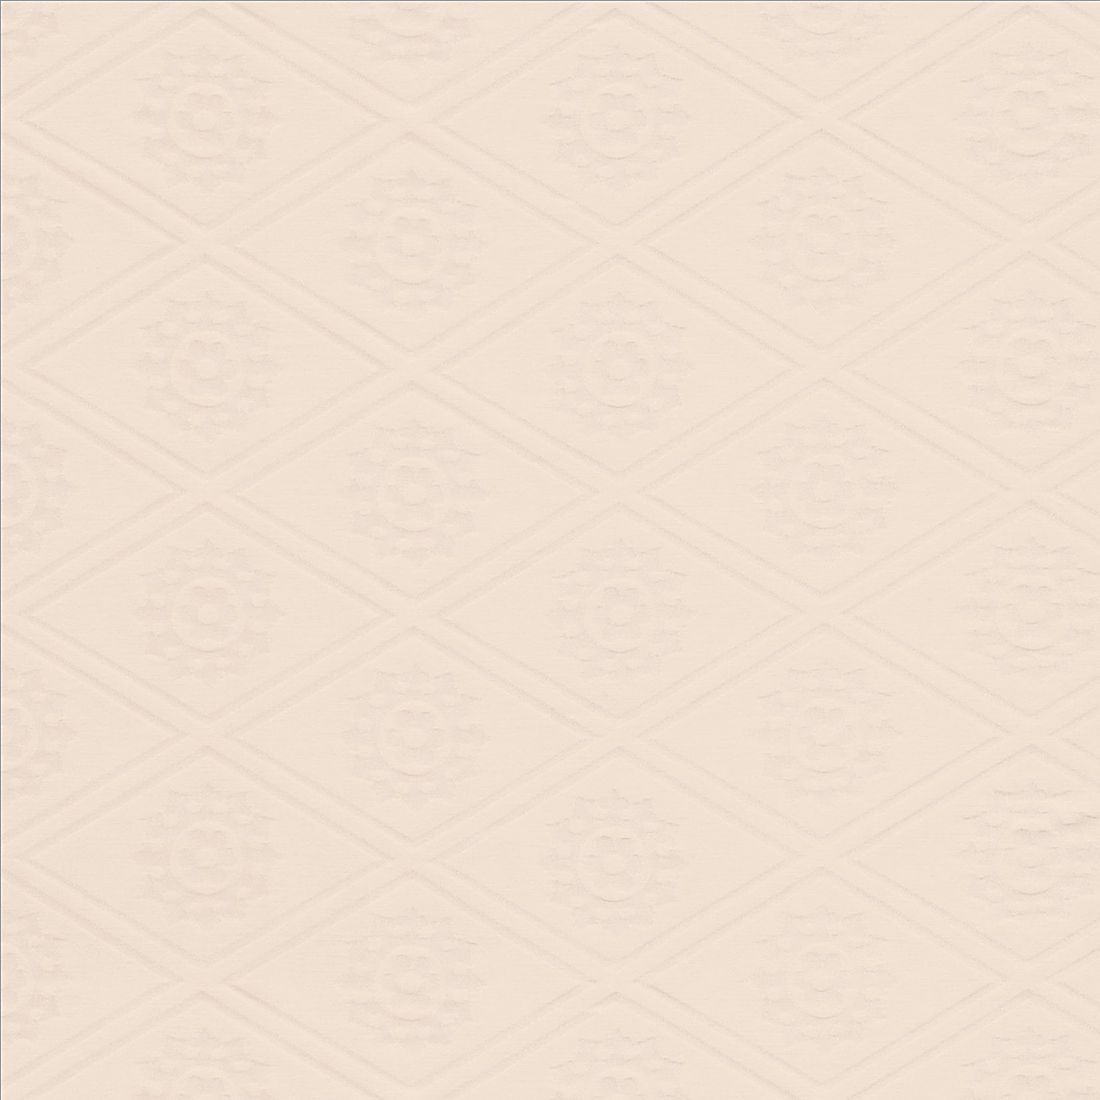 Tischdecke Lola – Sahne – 170 x 170 cm, Villeroy&Boch online bestellen